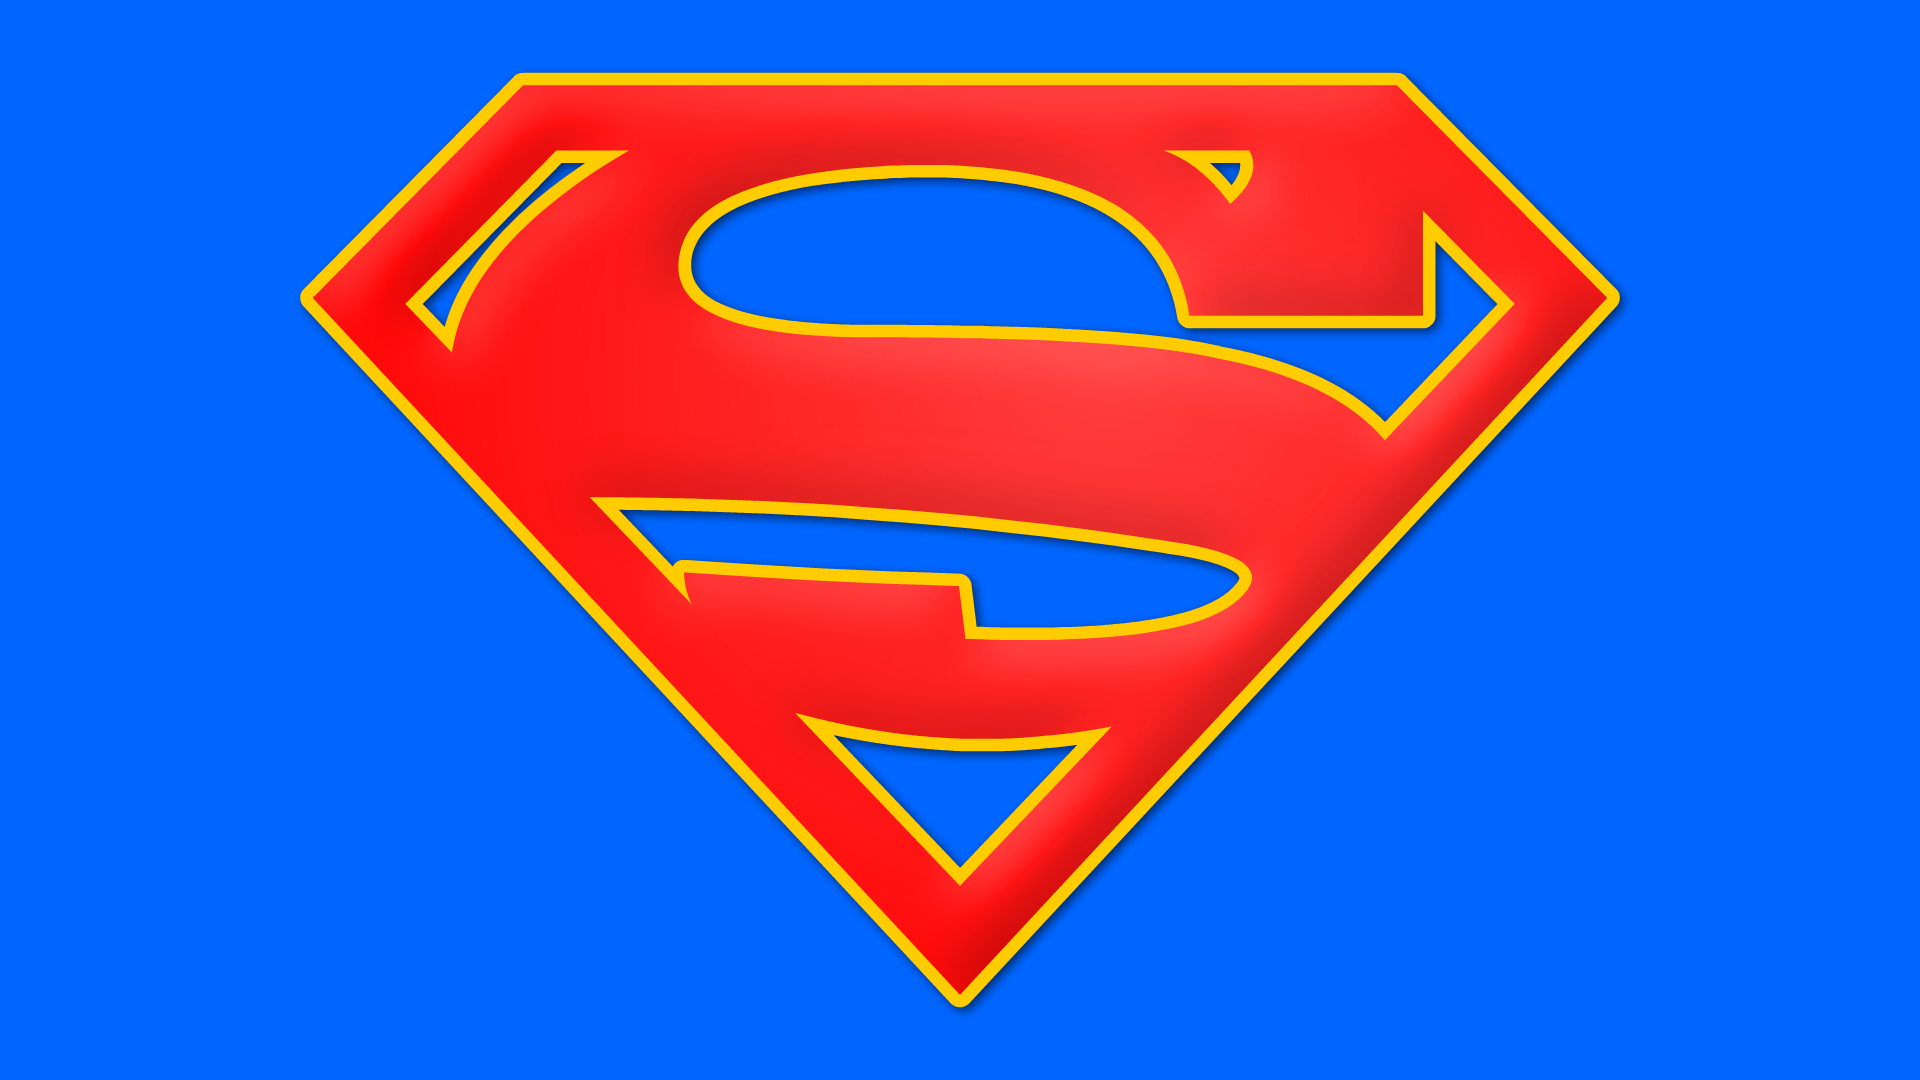 Supergirl Images Background Symbols Supergirl Superman Symbol